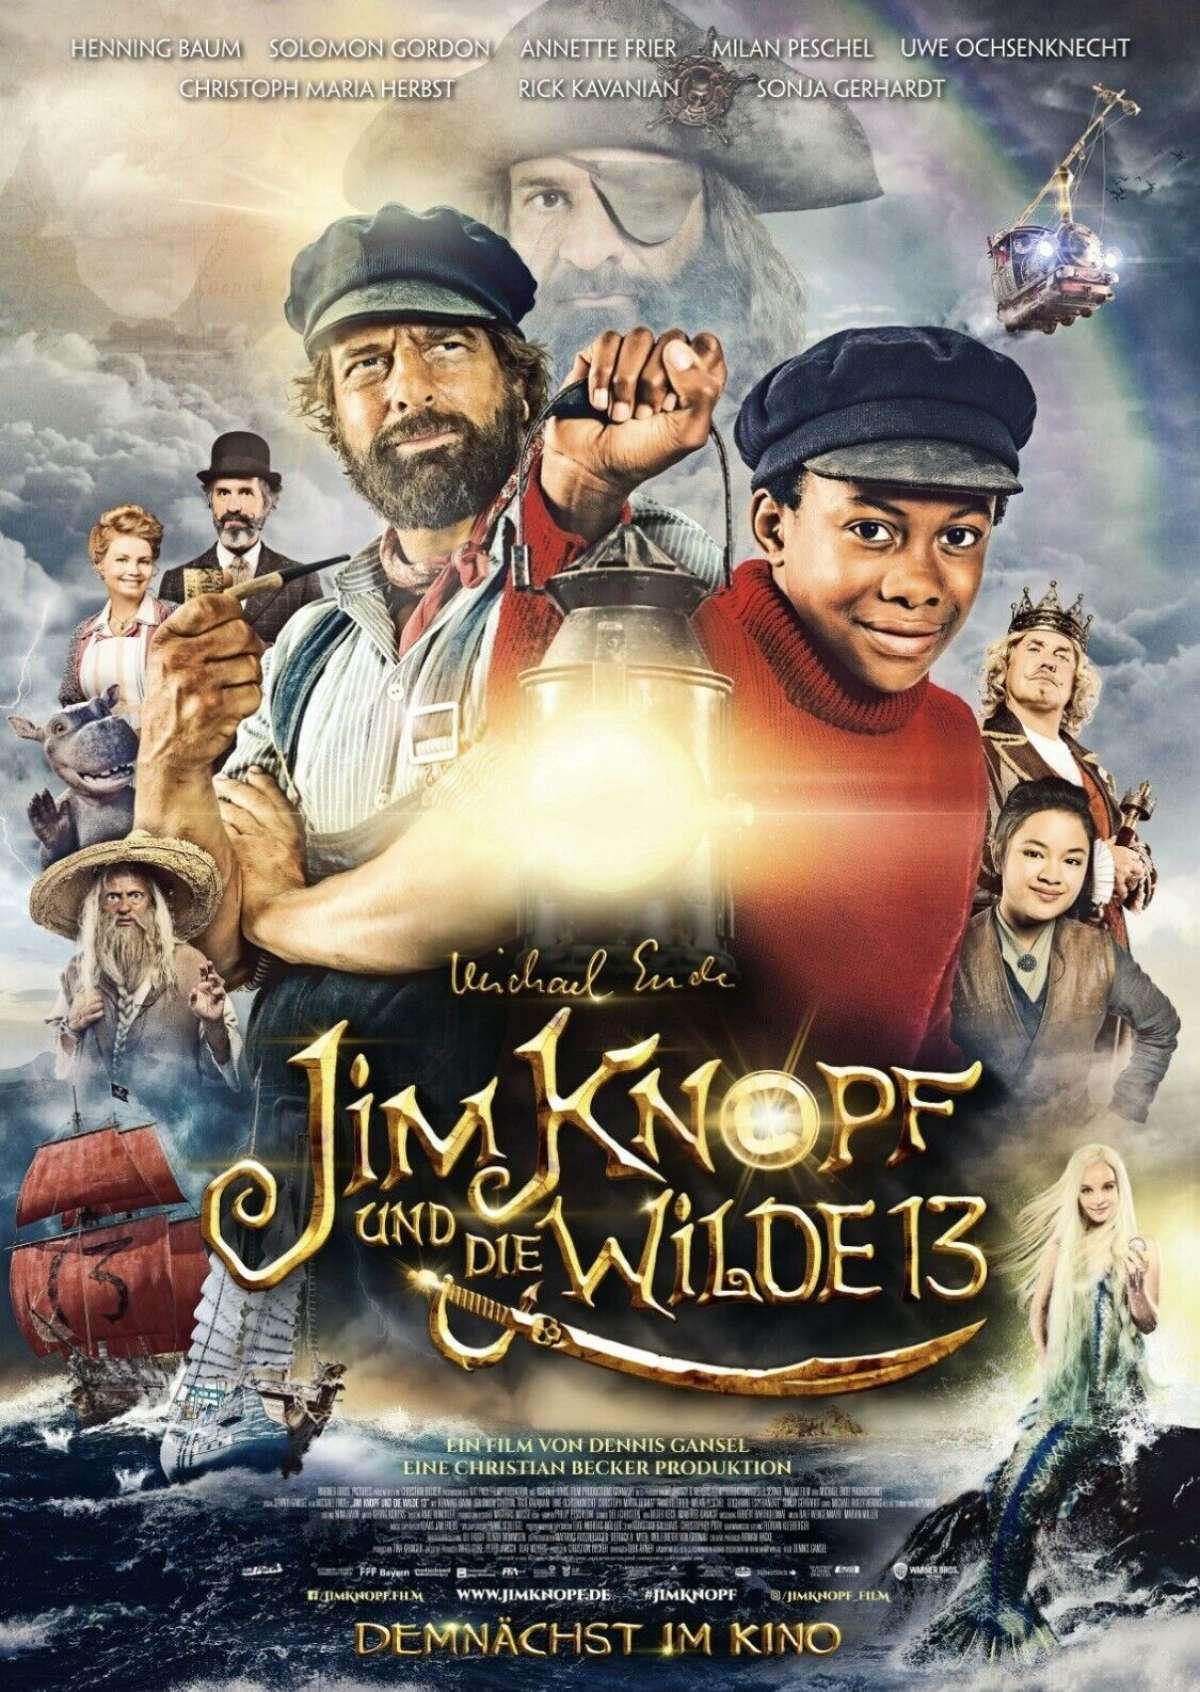 Jim Knopf und die Wilde 13 - Cine-Royal  - Fritzlar